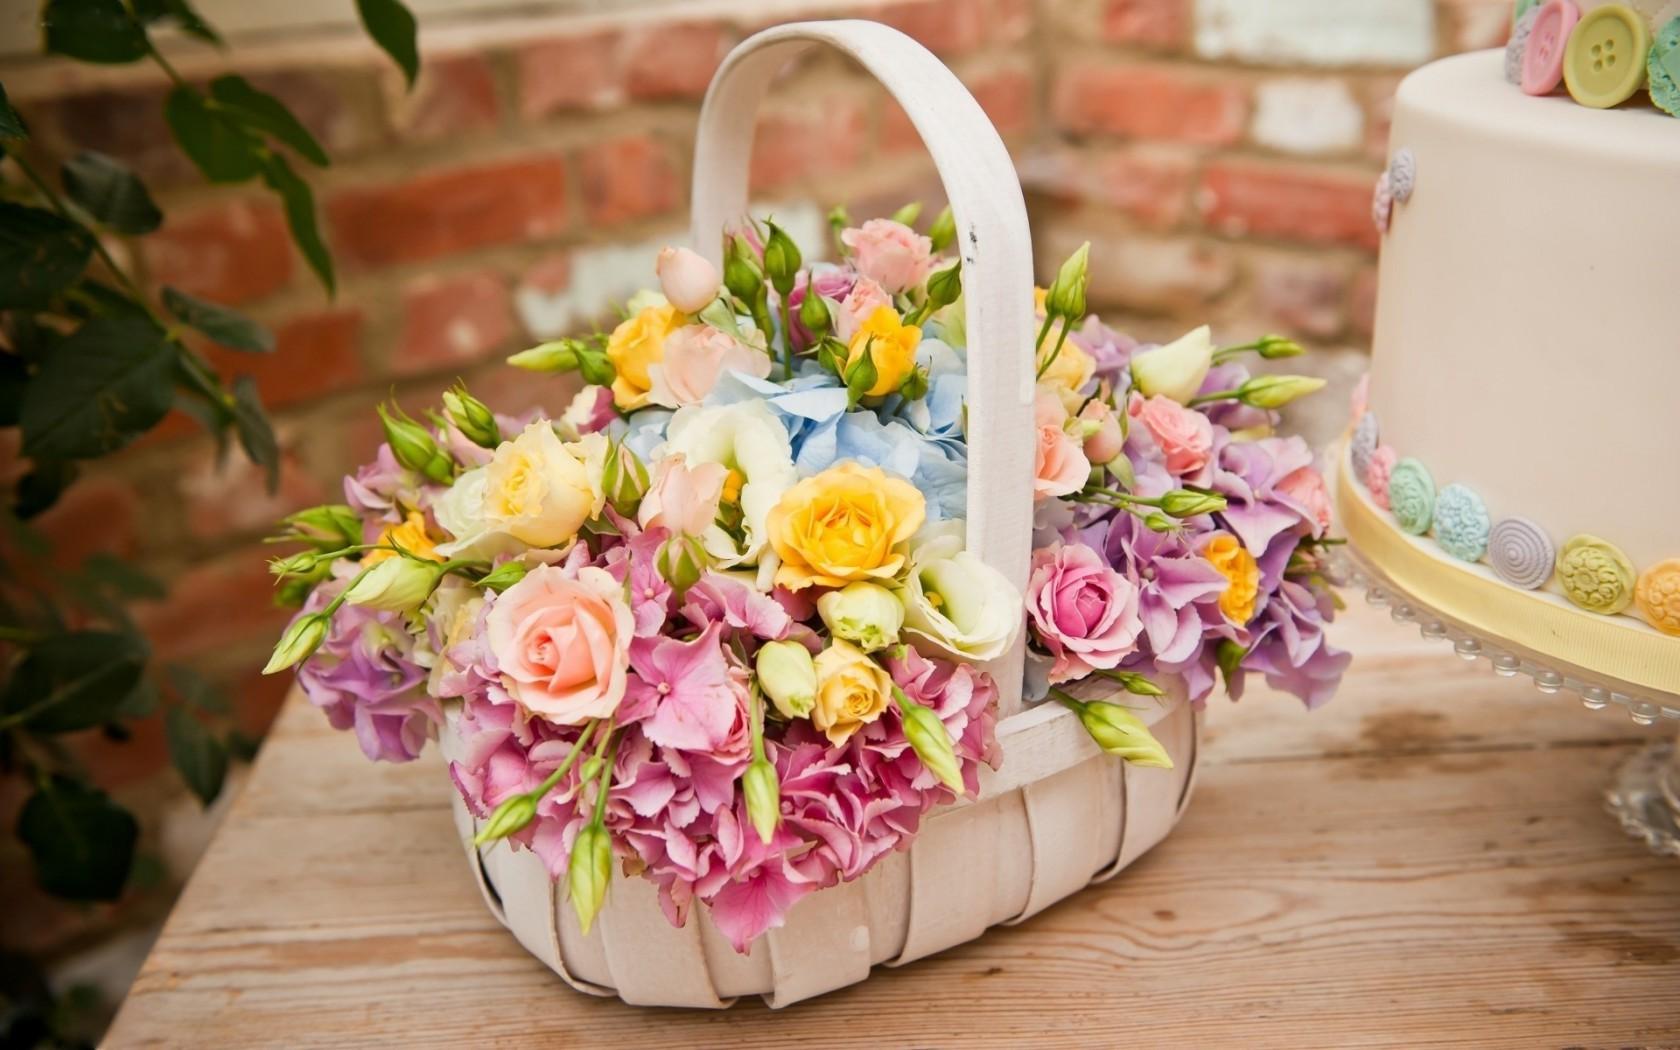 Фото корзин с цветами, красивые картинки композиций из букетов 55